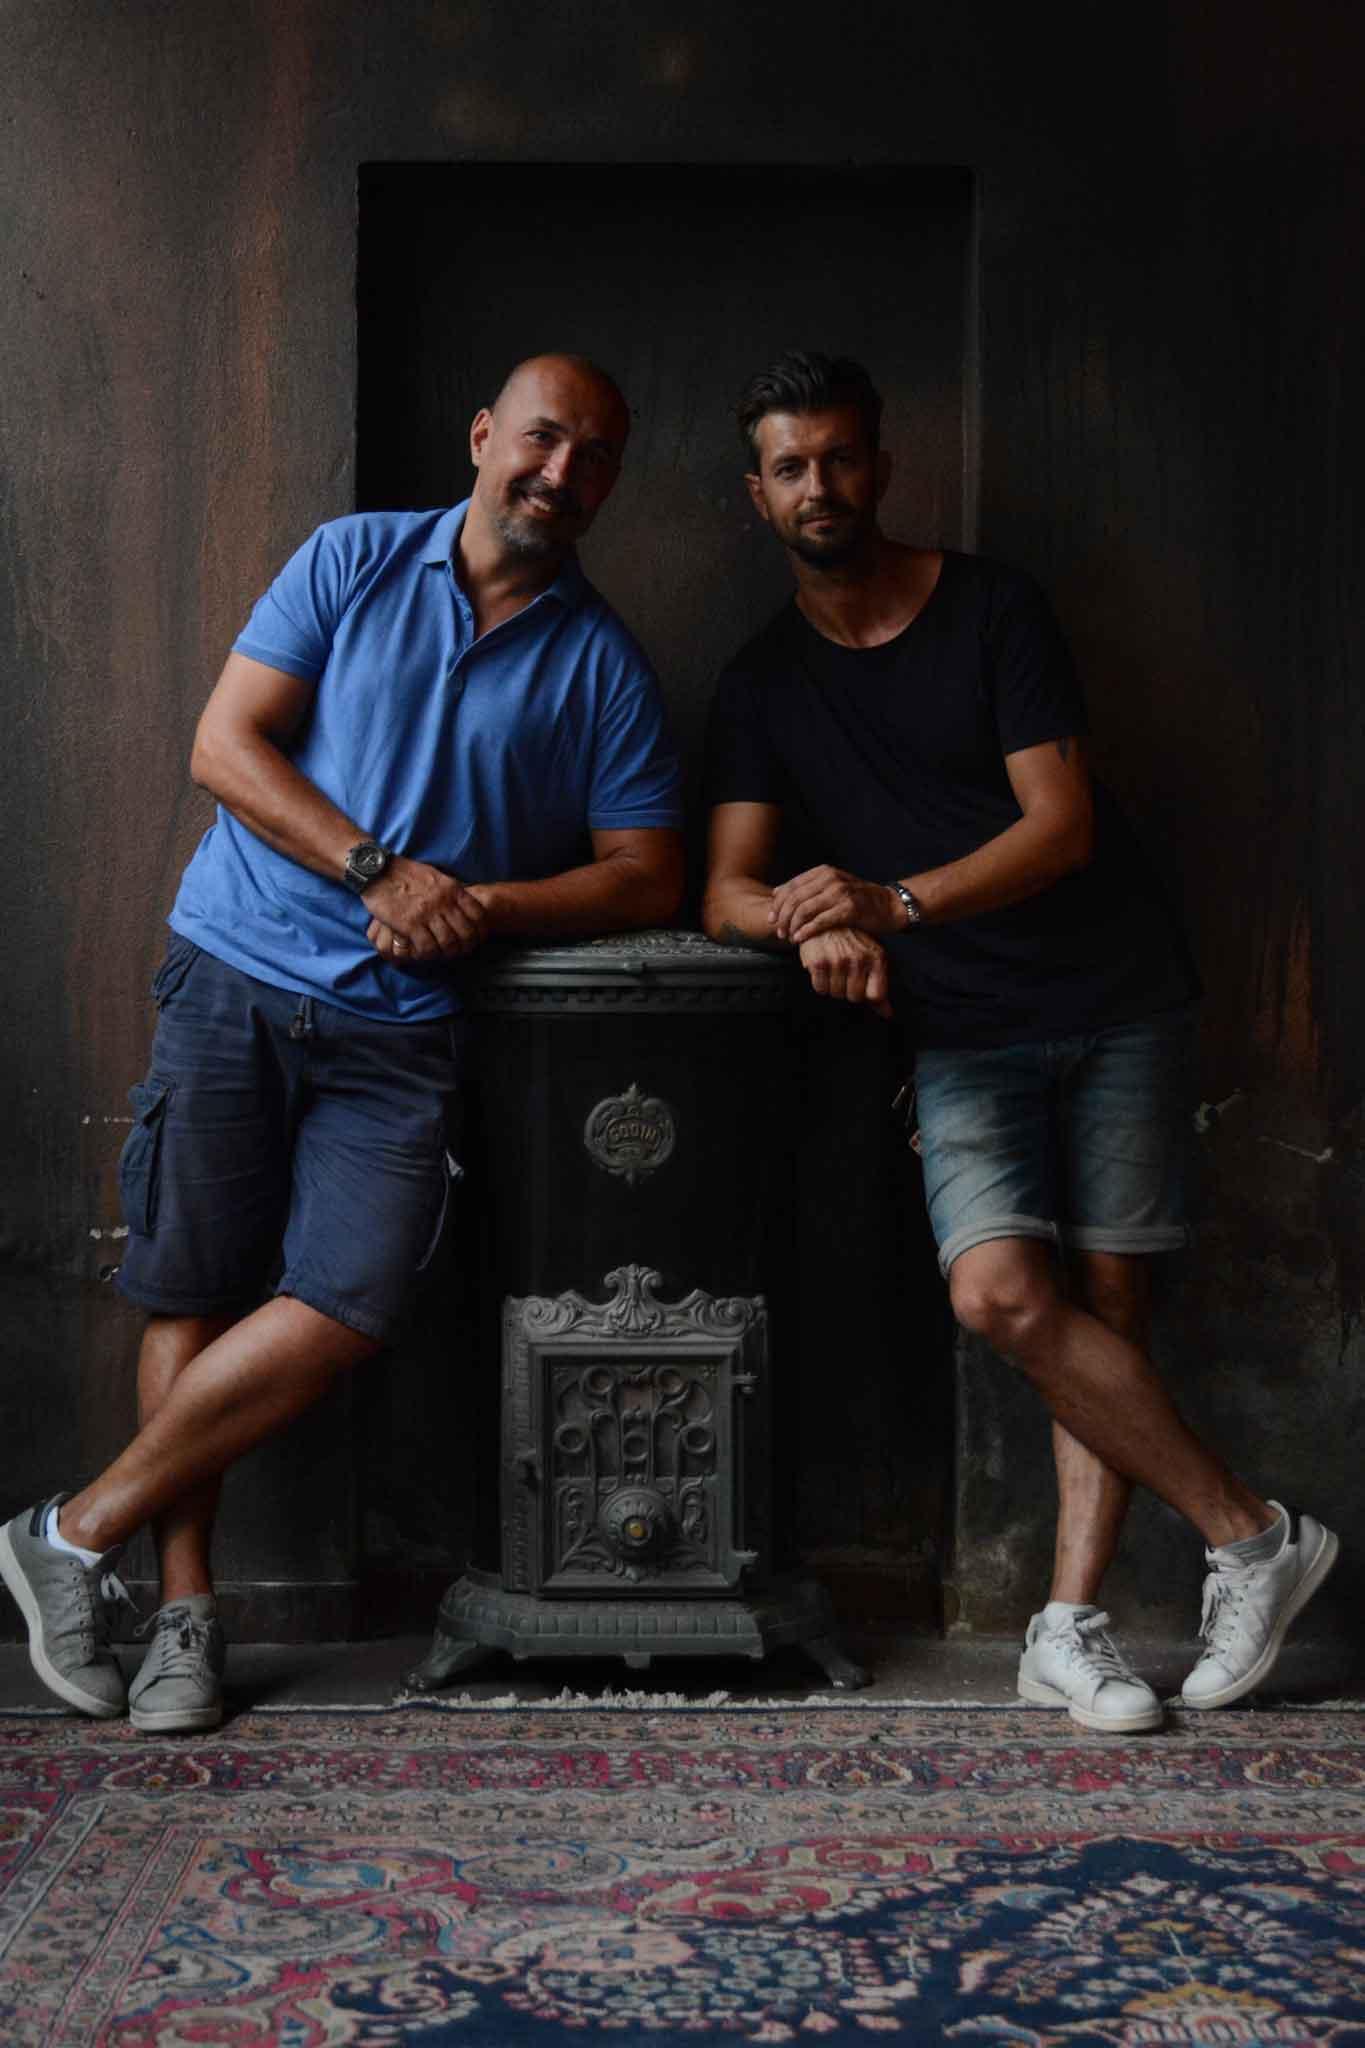 Raffaello Polchi e Matteo Pedrocchi